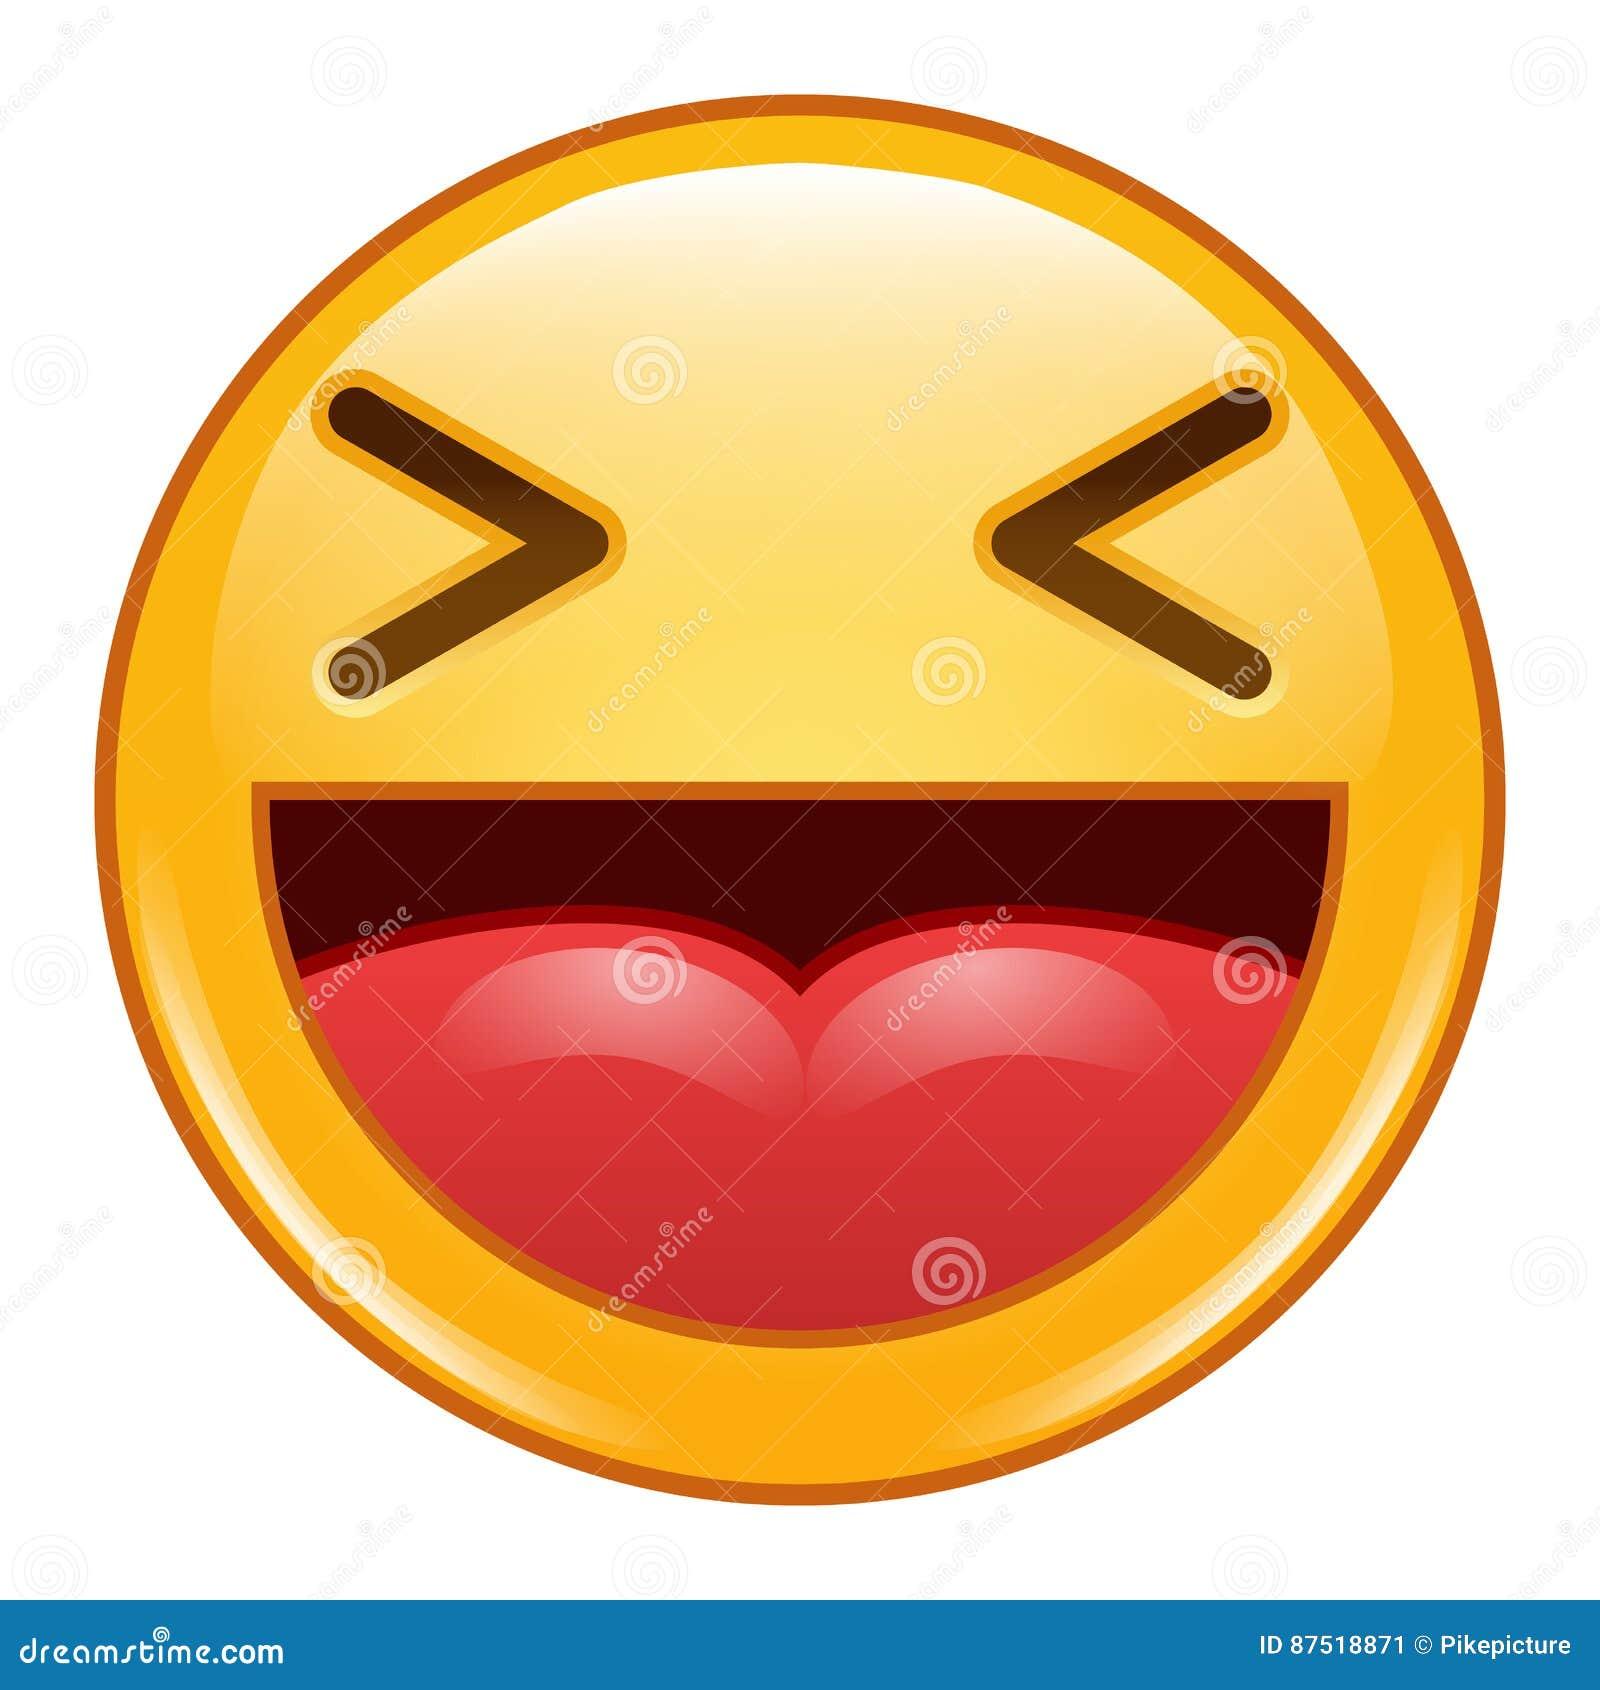 emoji emoticon icon vector smiley laughing emoticons stock vector